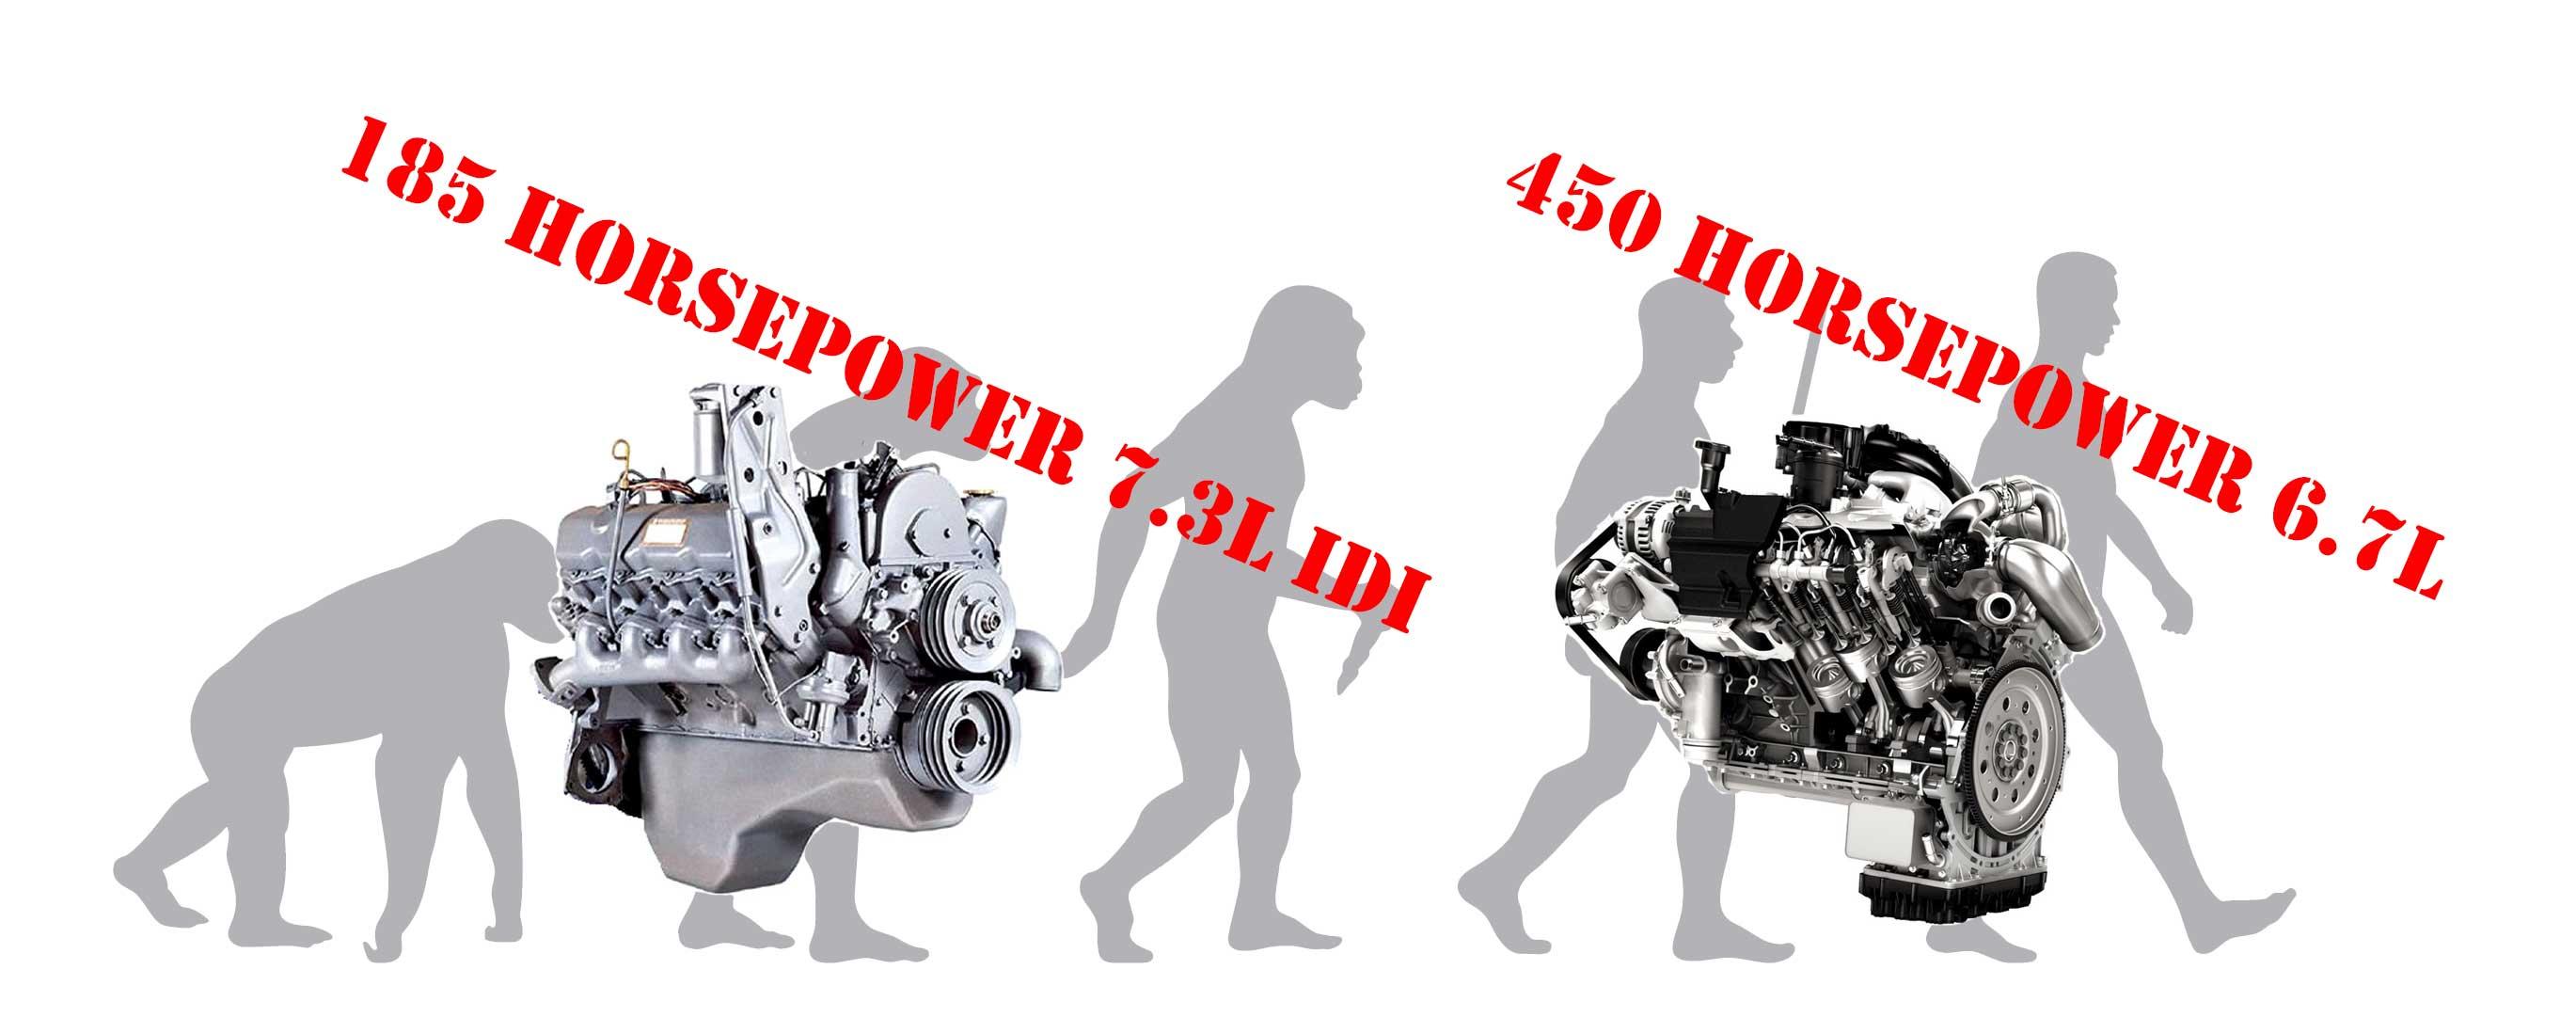 Ford Diesel Rundown - Diesel Power Products Blog